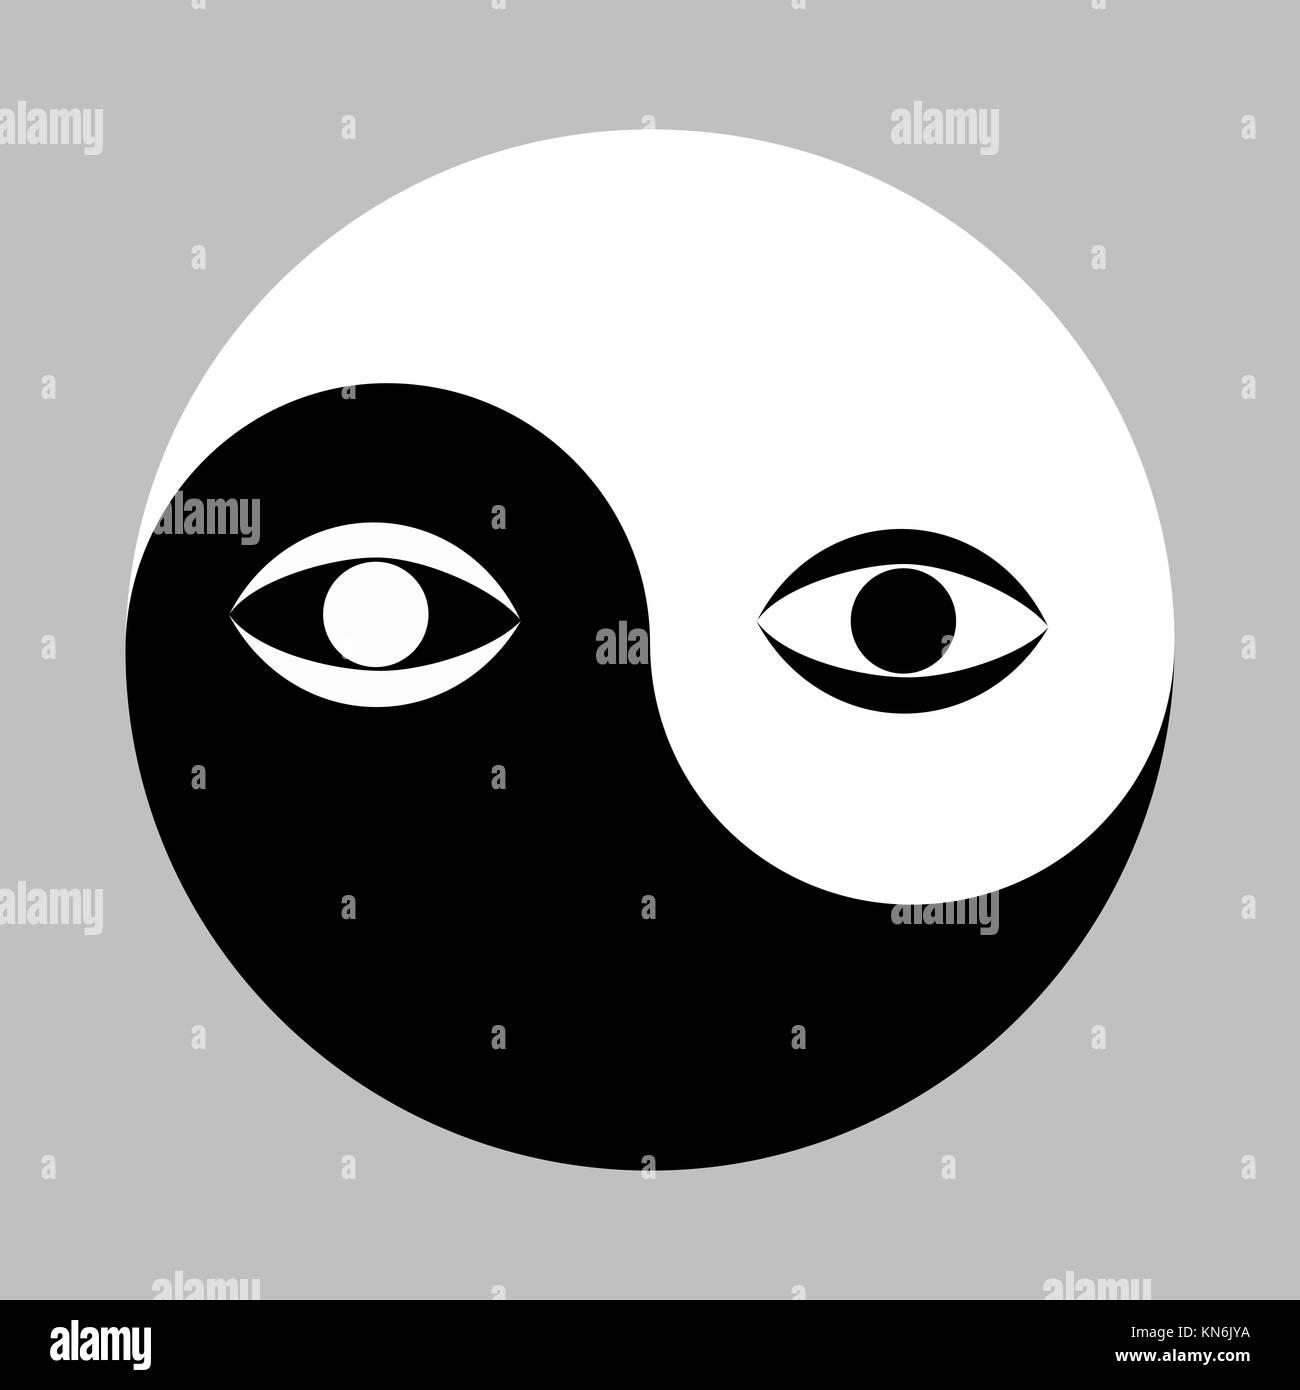 Yin Yang symbol and eye. - Stock Vector